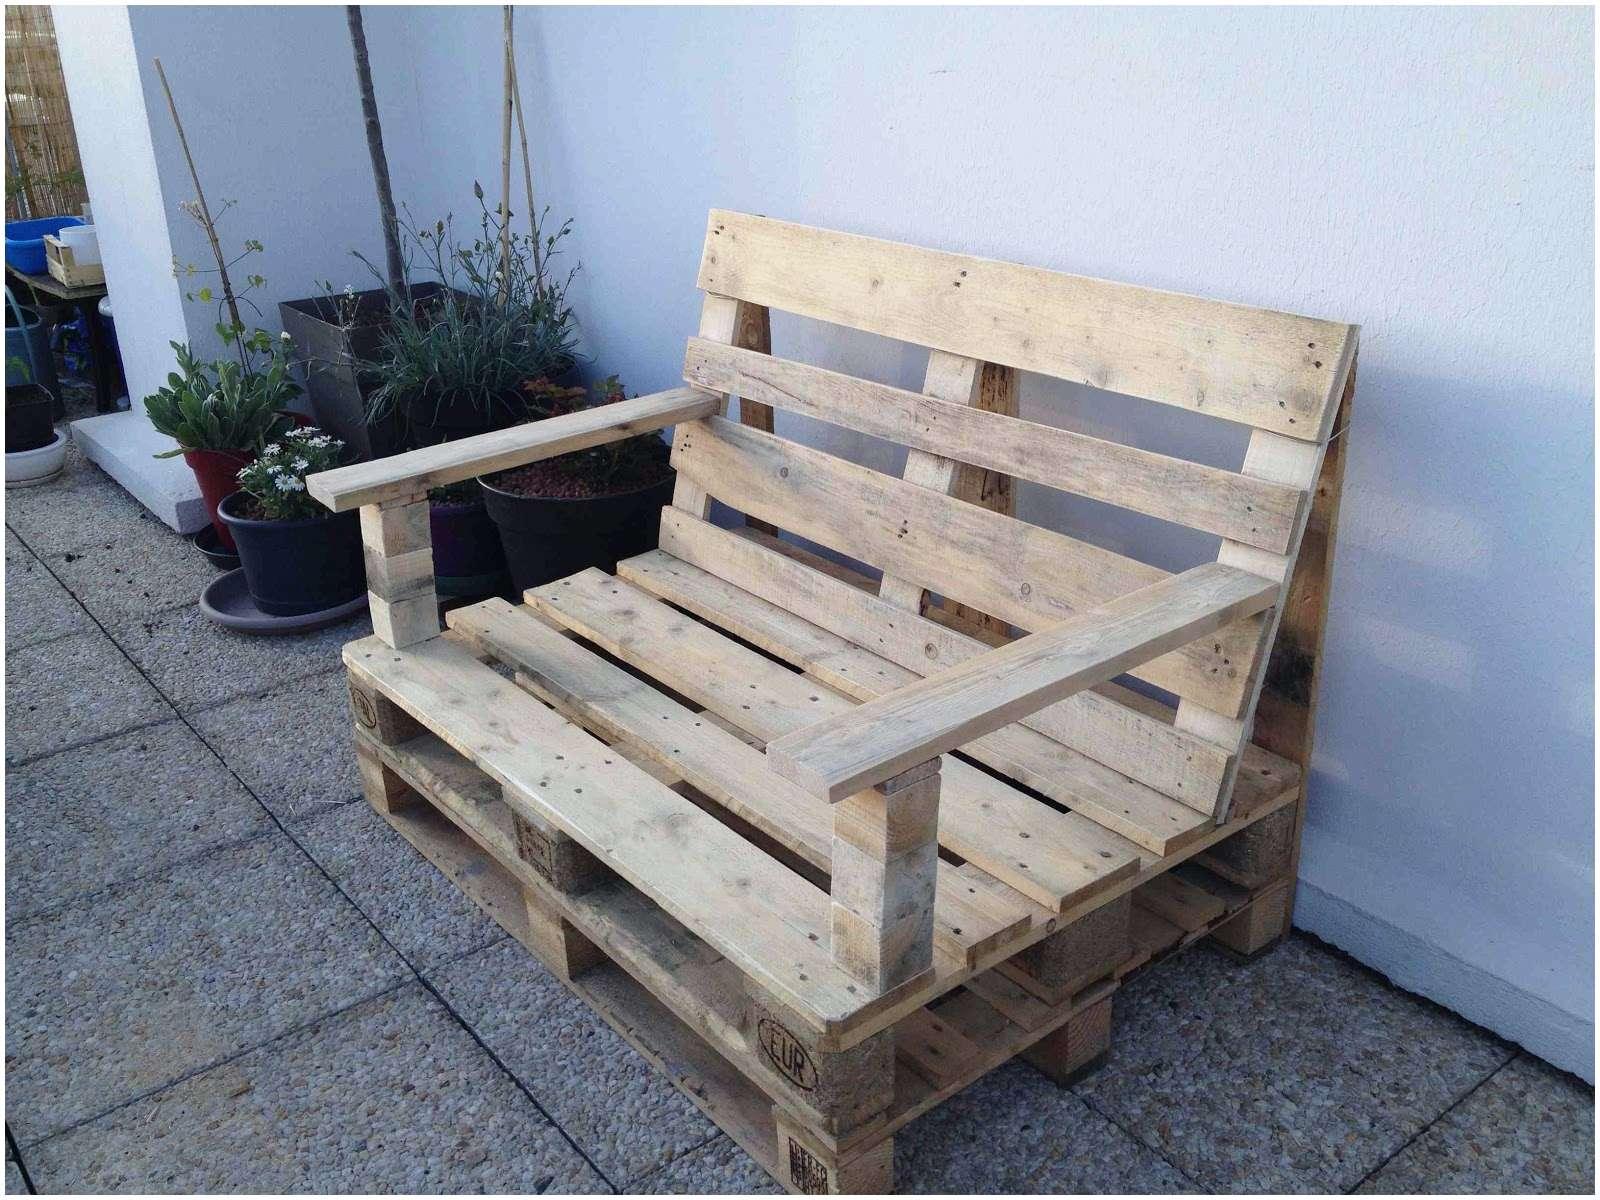 fabriquer salon de jardin enchanteur fabriquer salon de jardin en palette de bois avec plan salon de jardin en palette fabriquer salon de jardin en palette elegant fabriquer salon de jardin